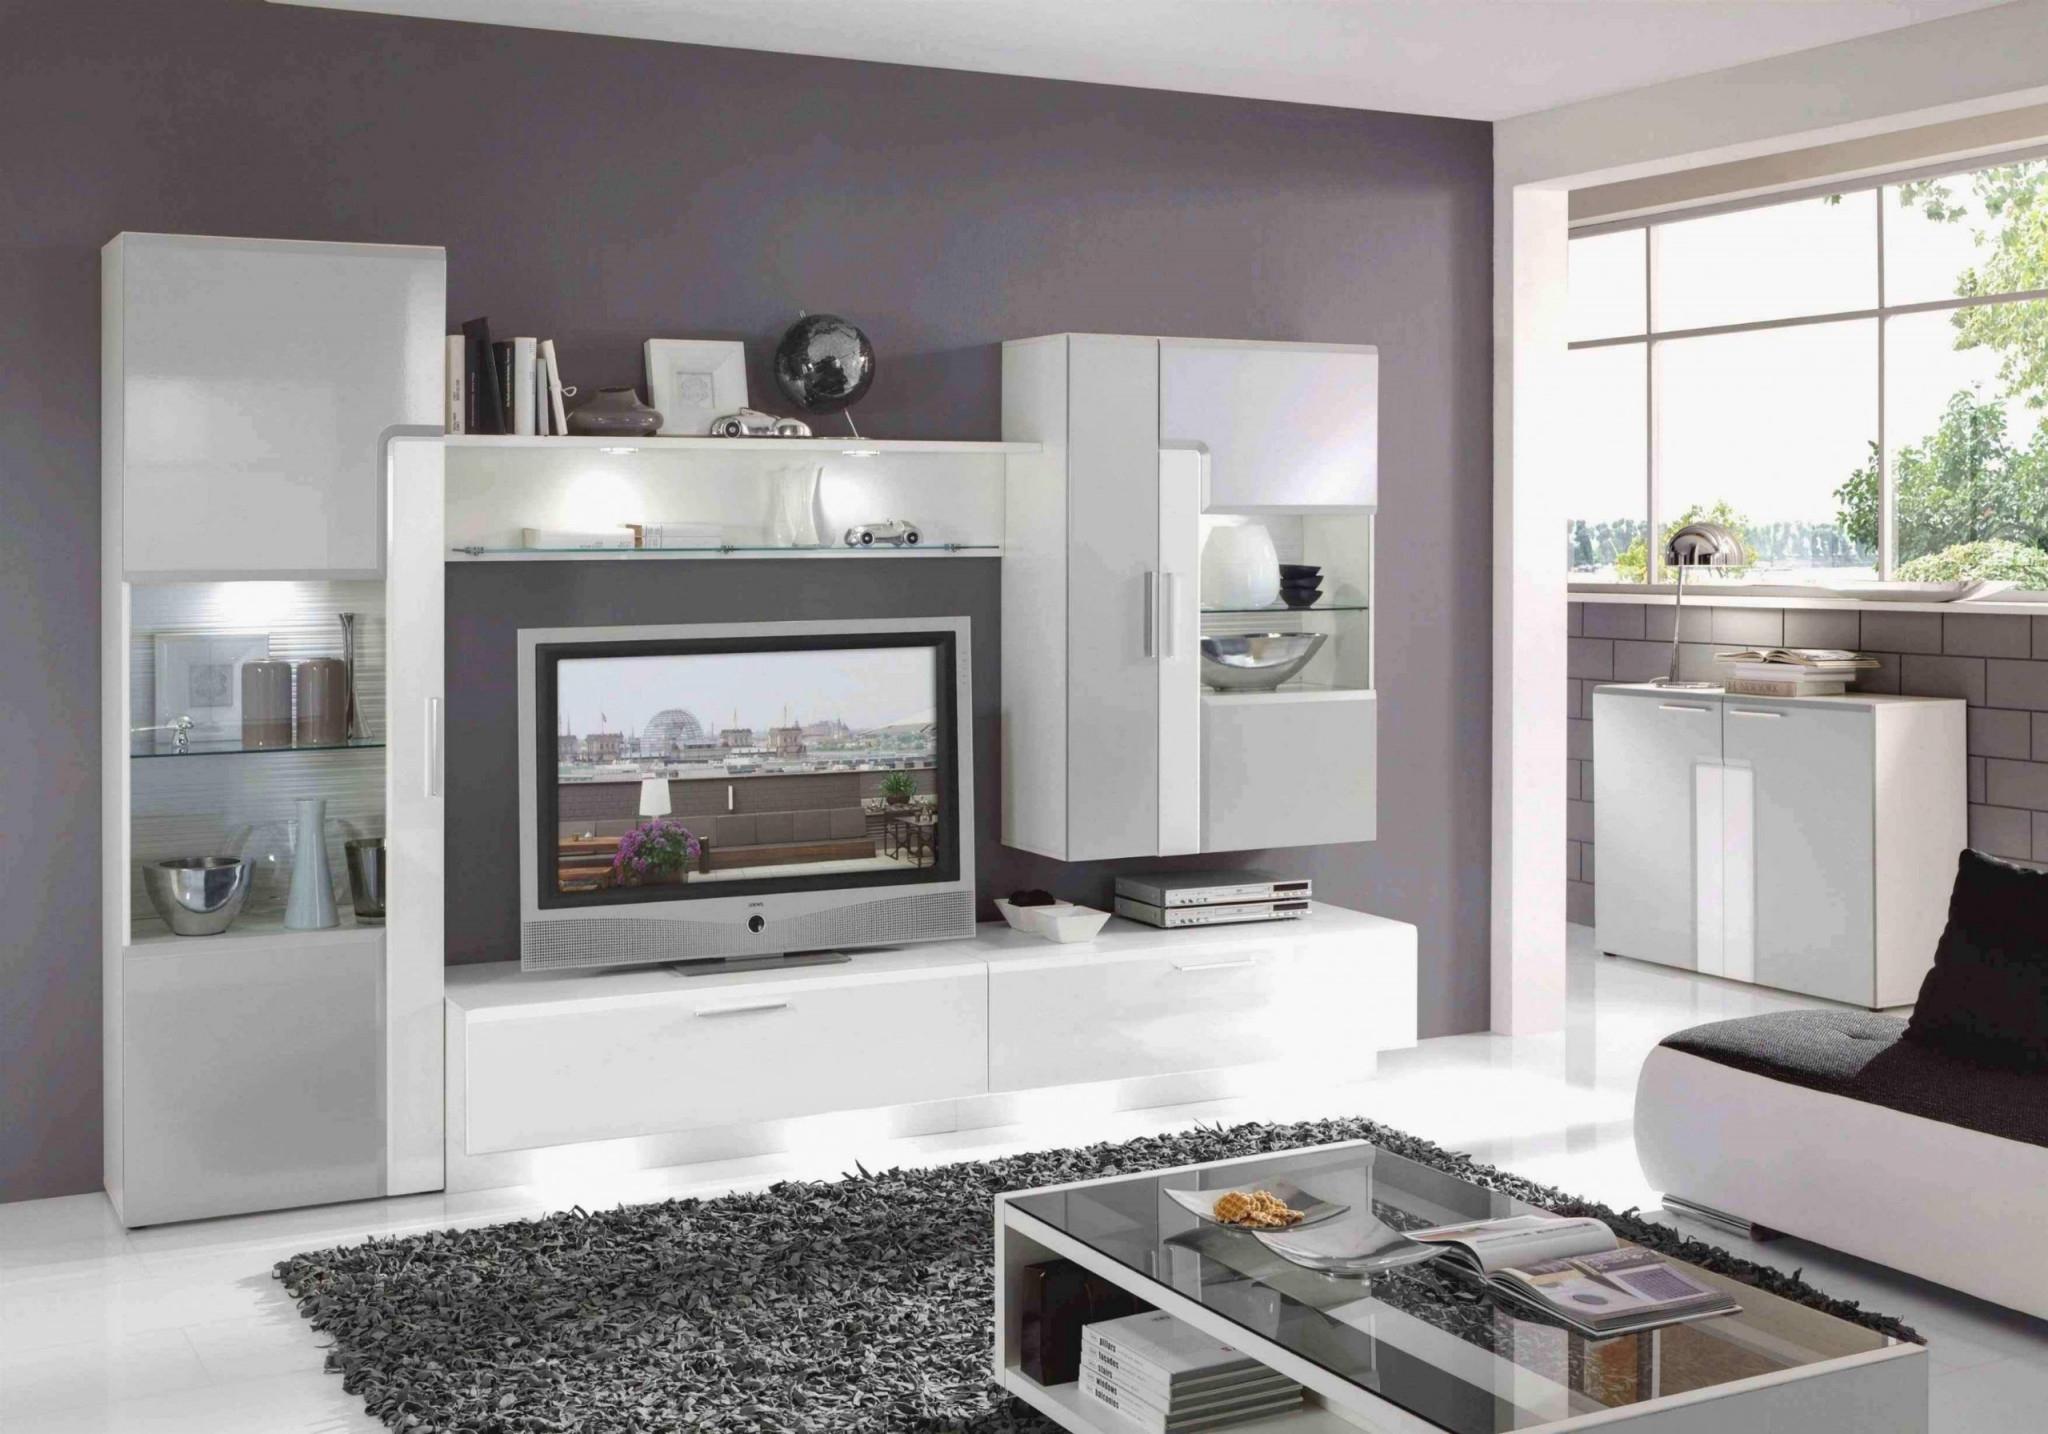 Wohnzimmer Einrichten Farben Frisch 50 Beste Von Farben Im von Wohnzimmer Mit Farbe Gestalten Photo